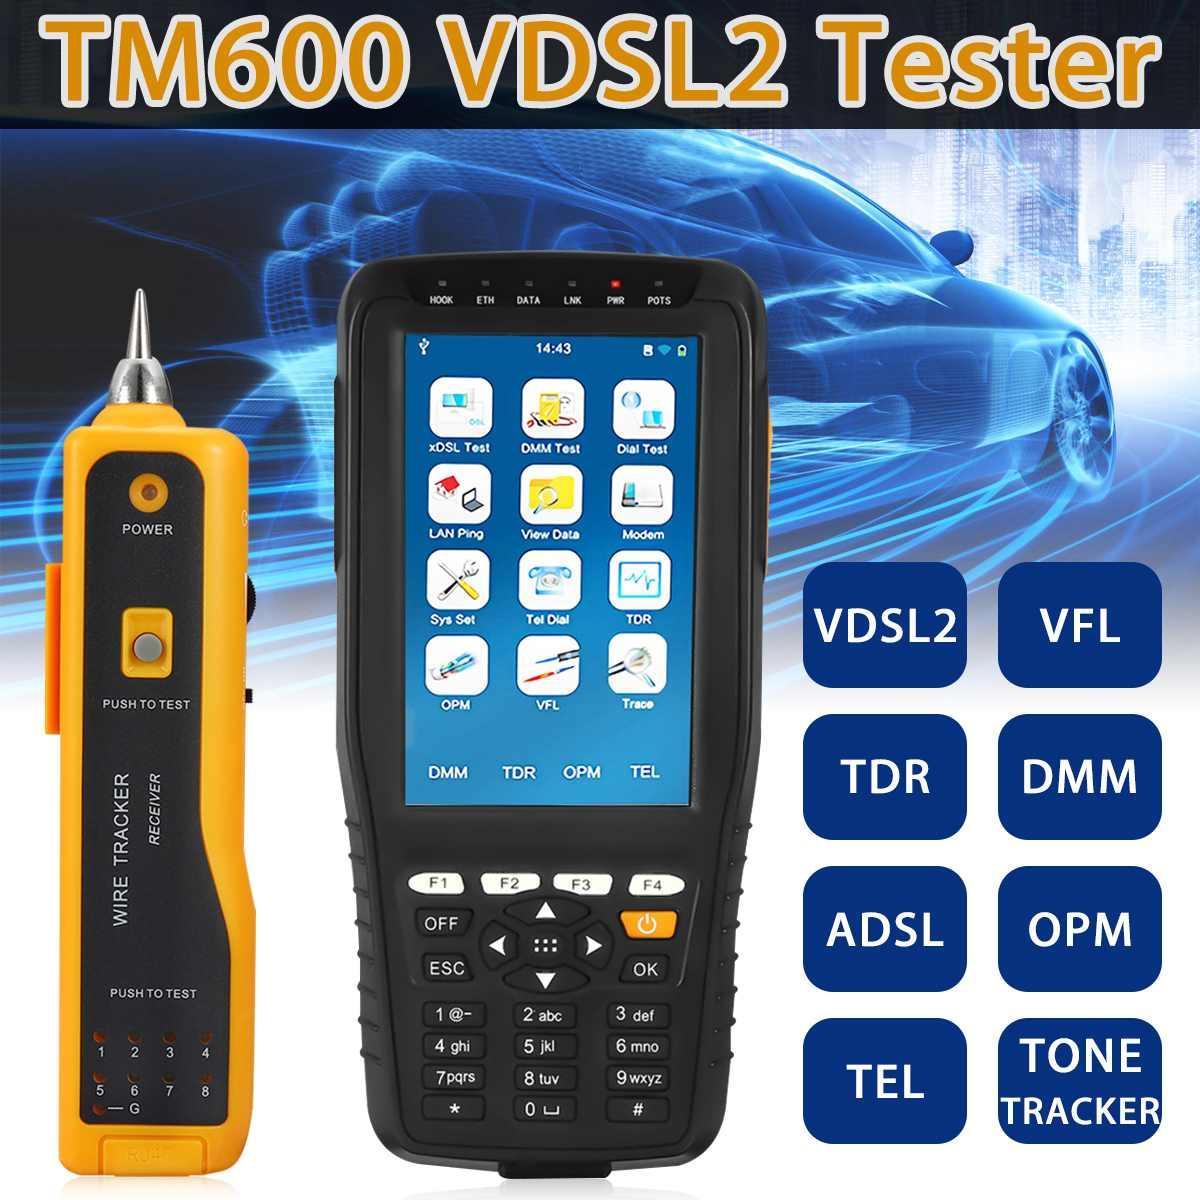 TM-600 VDSL VDSL2 Testeur ADSL WAN LAN Testeur xDSL Ligne équipement d'essai avec Toutes Les Fonctions DSL Test de la Couche Physique